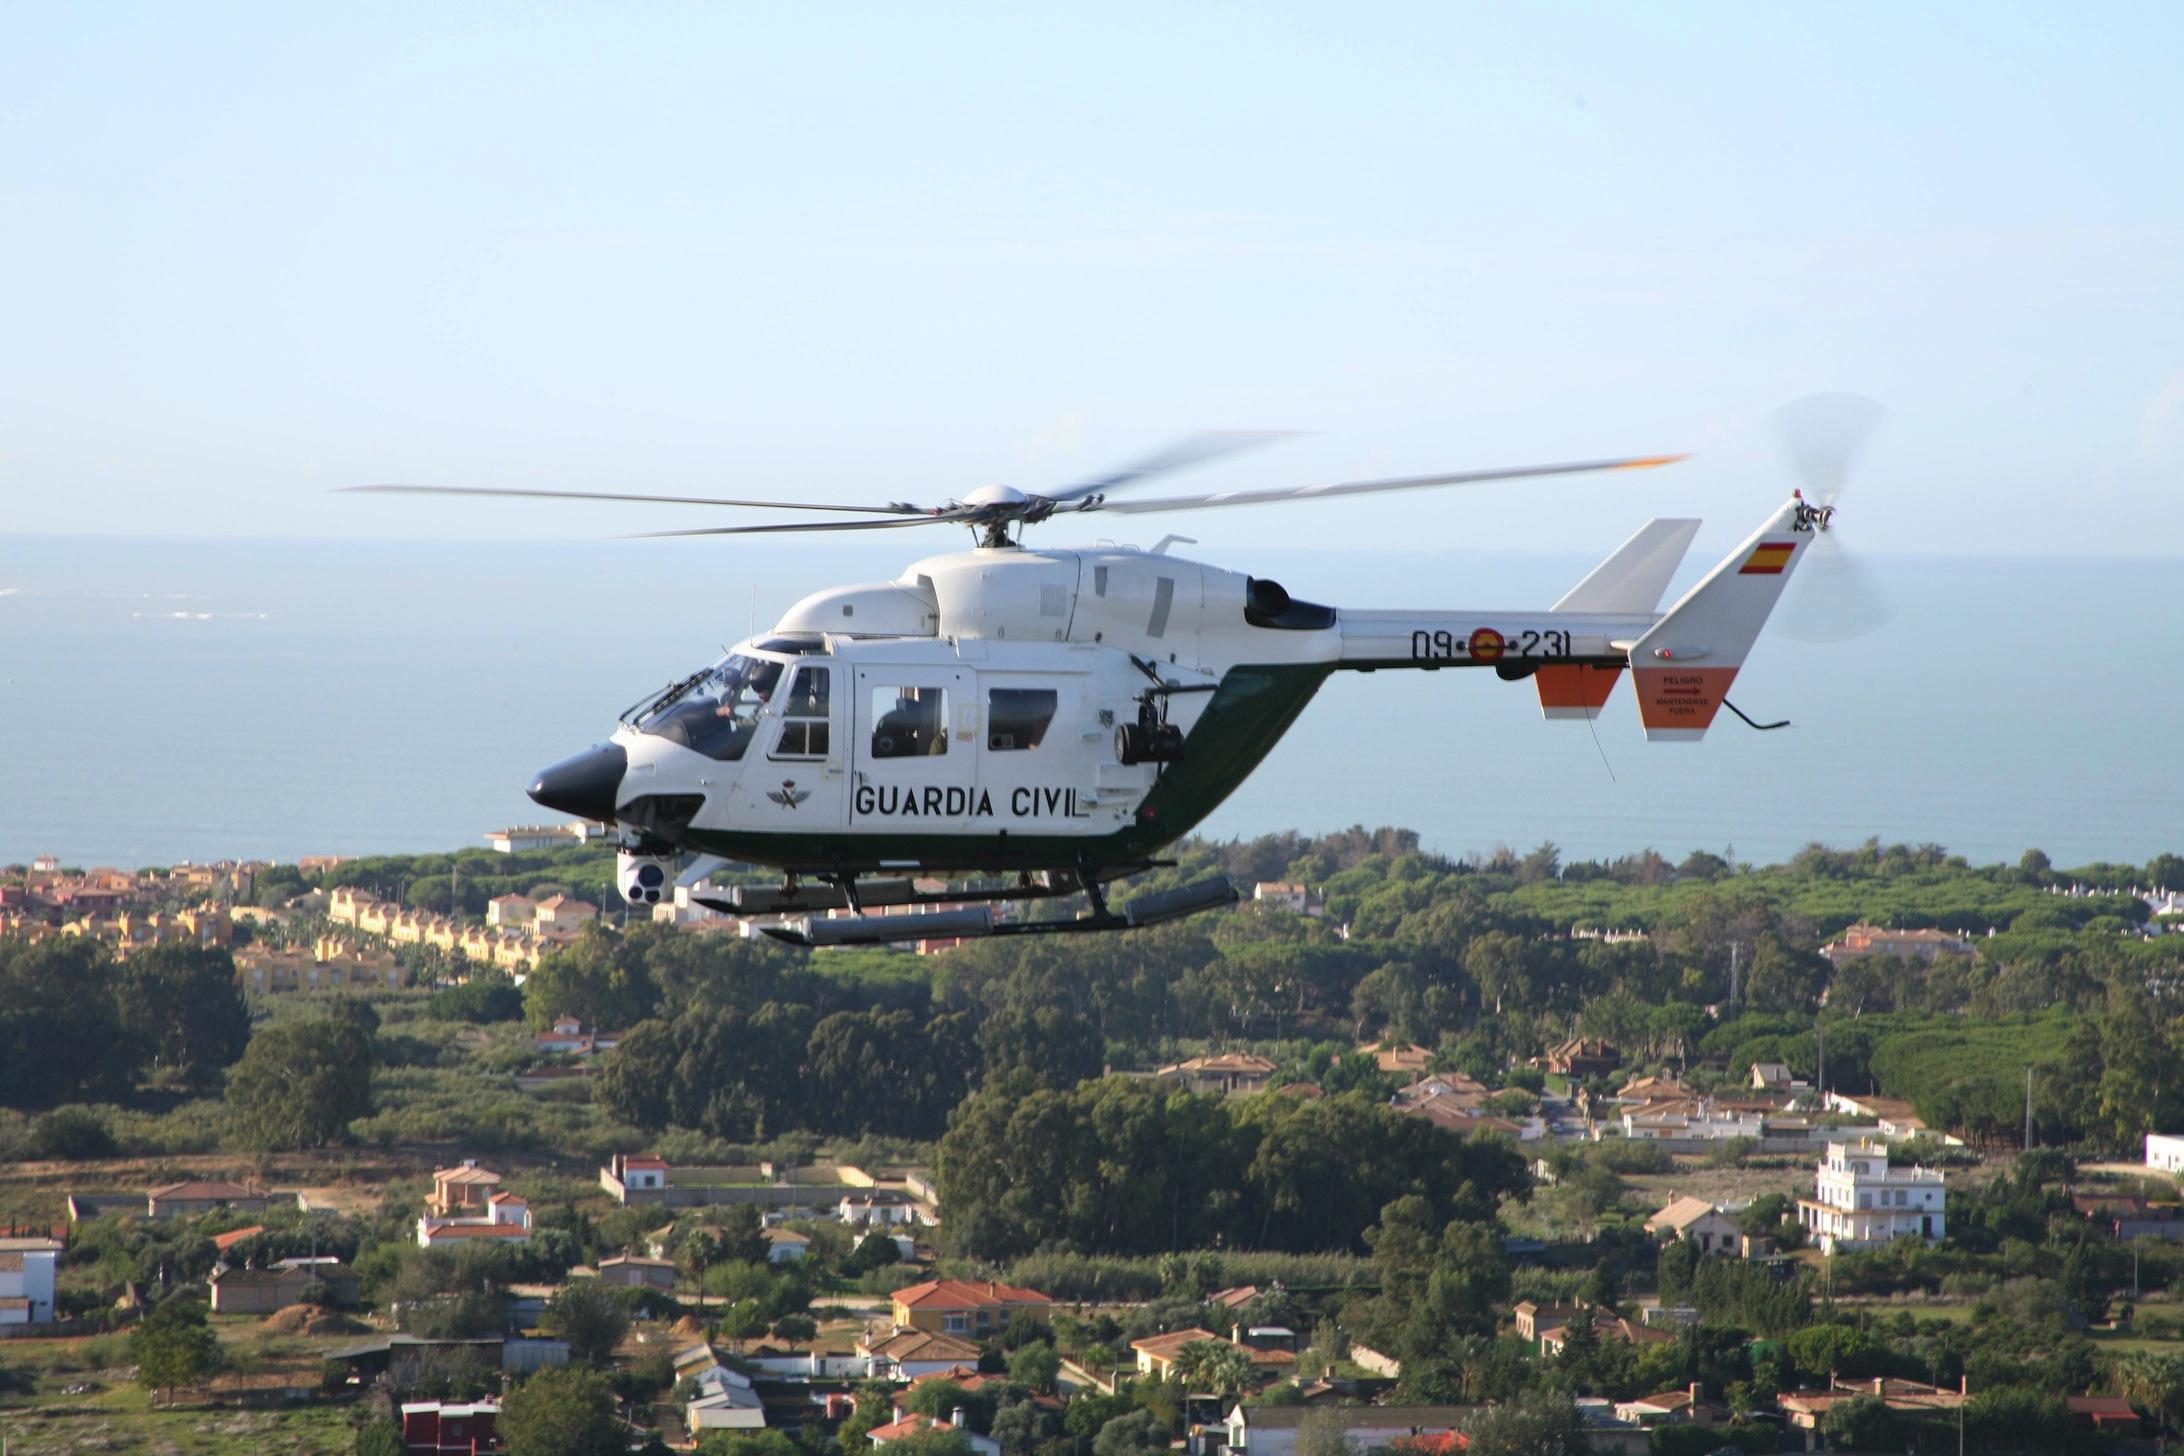 La Guardia Civil peina en helicóptero la provincia para prevenir los robos en el campo